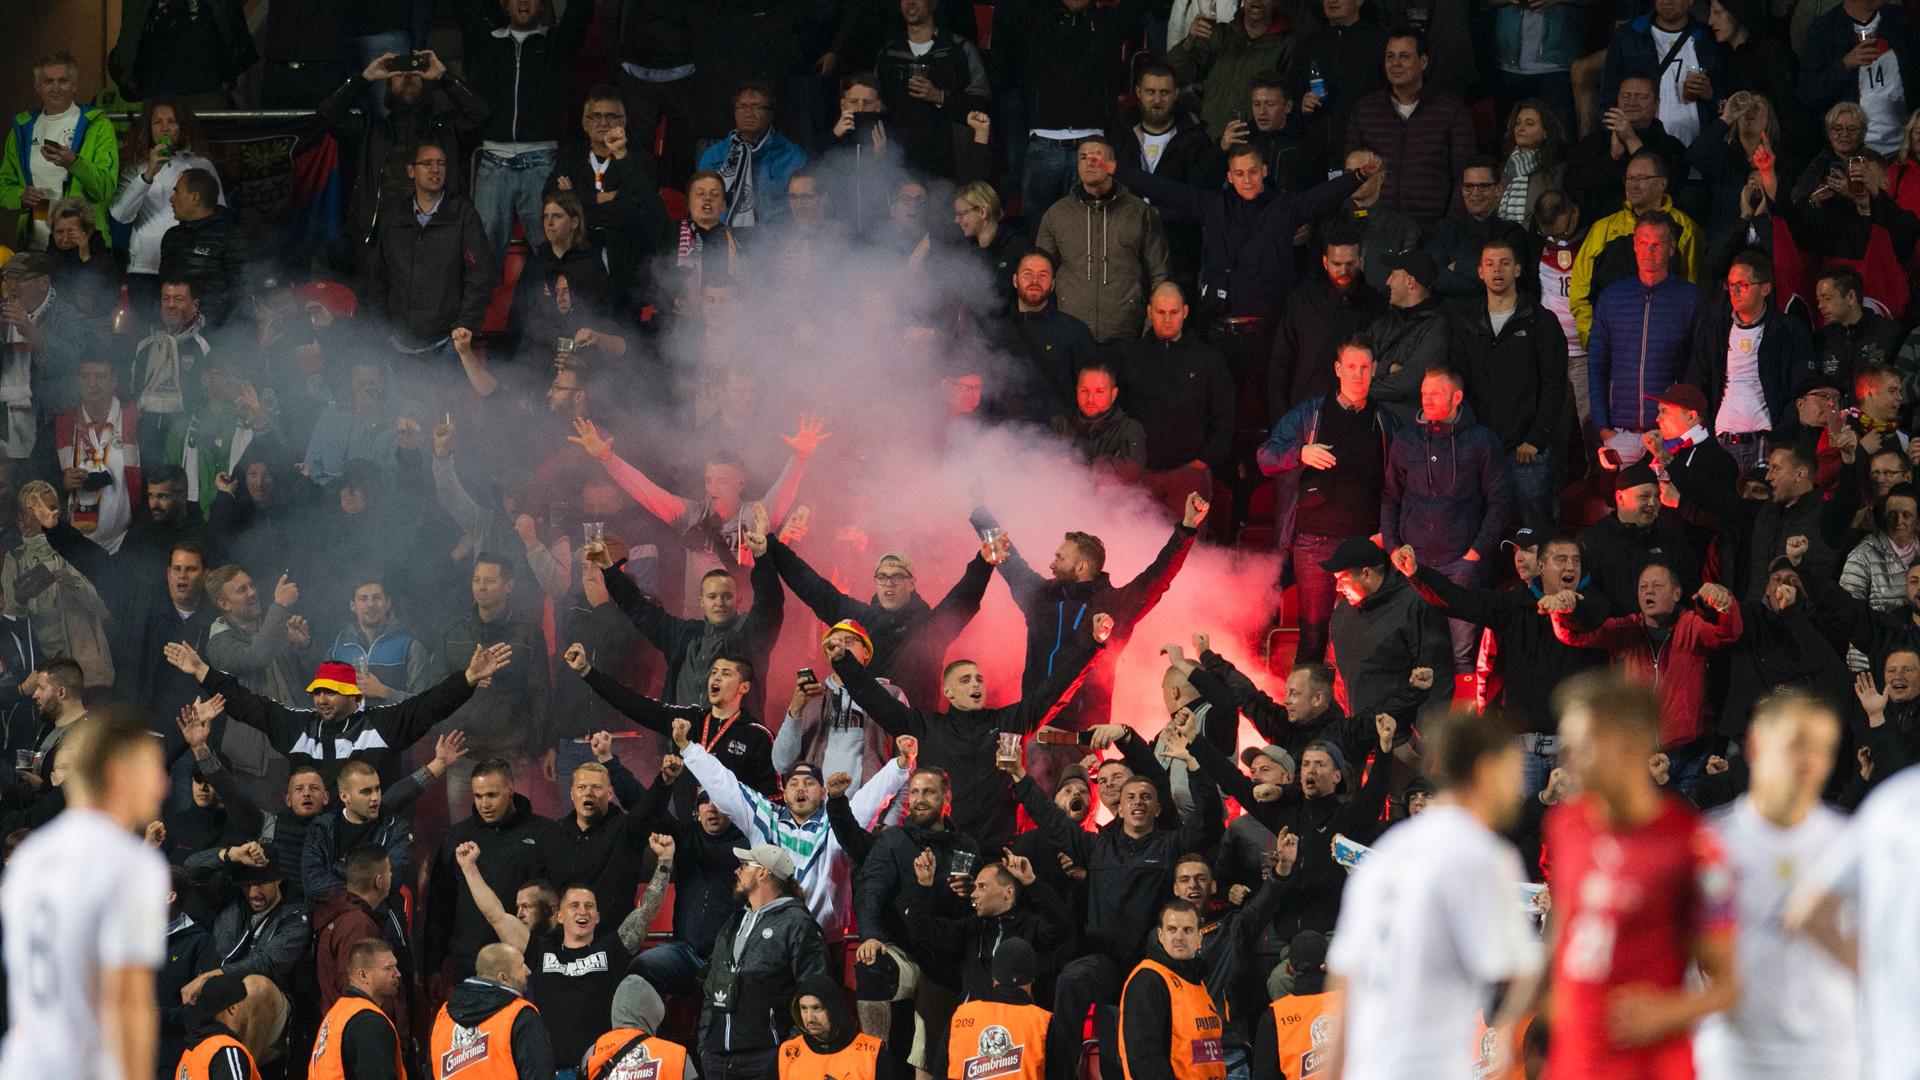 DFB muss für Nazi-Ausfälle von Fans blechen